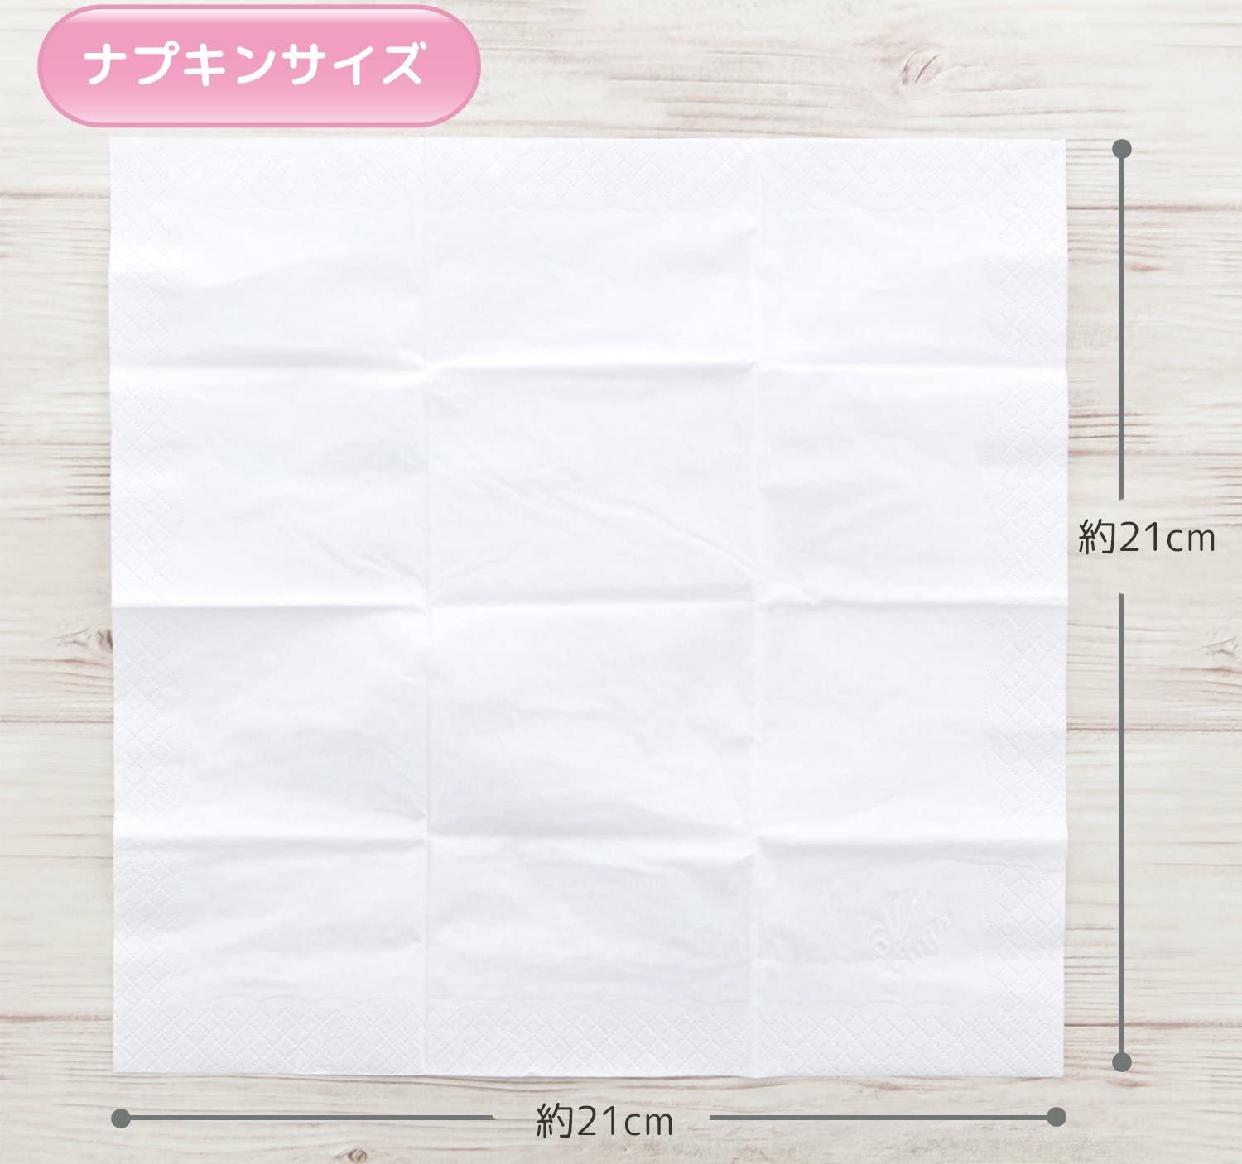 丸紅紙パルプ フルール プチの商品画像4